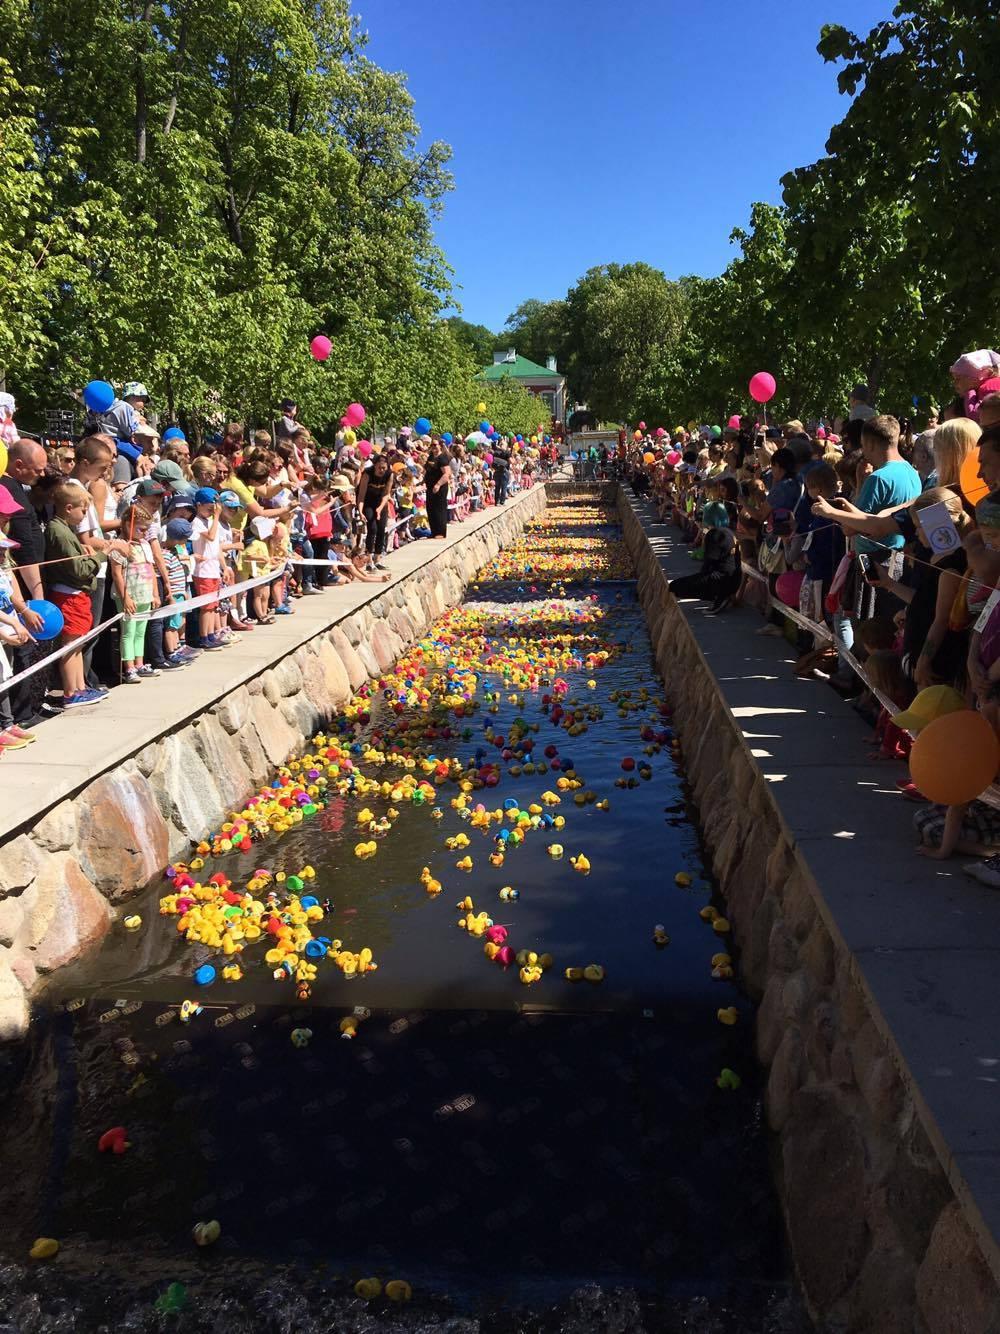 37727d58e14 Enam kui 11 000 kummiparti asusid Kadrioru pargis võistlustulle, et seeläbi  toetada vähihaigete laste ravi.17 juuni 2017